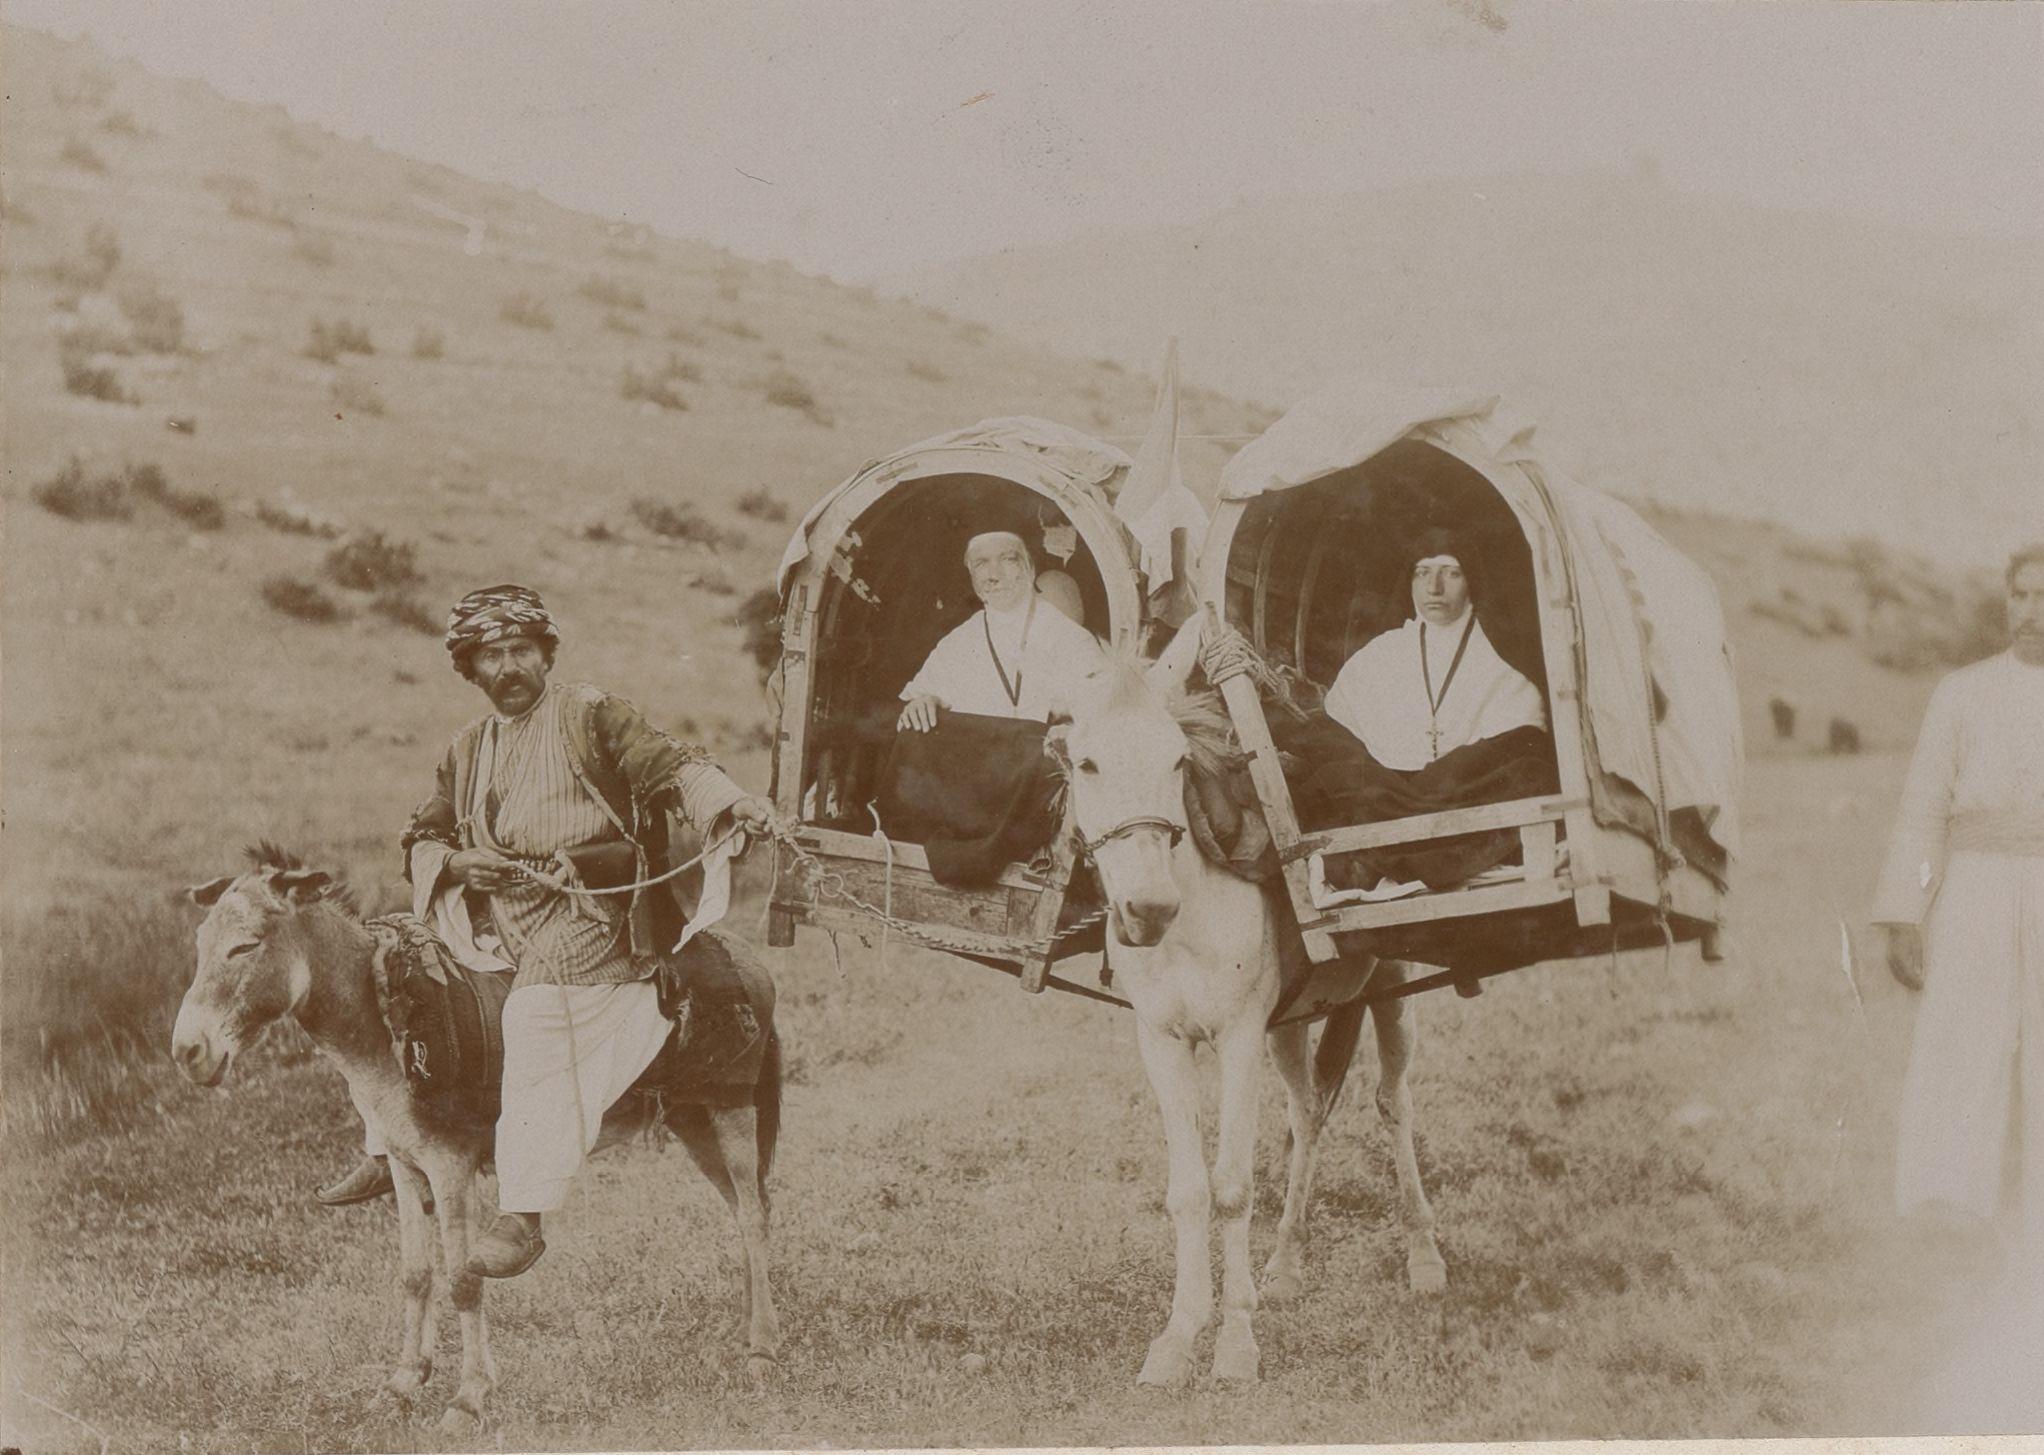 Махафа или корзины, помещенные на мулов для поездок в Месопотамию